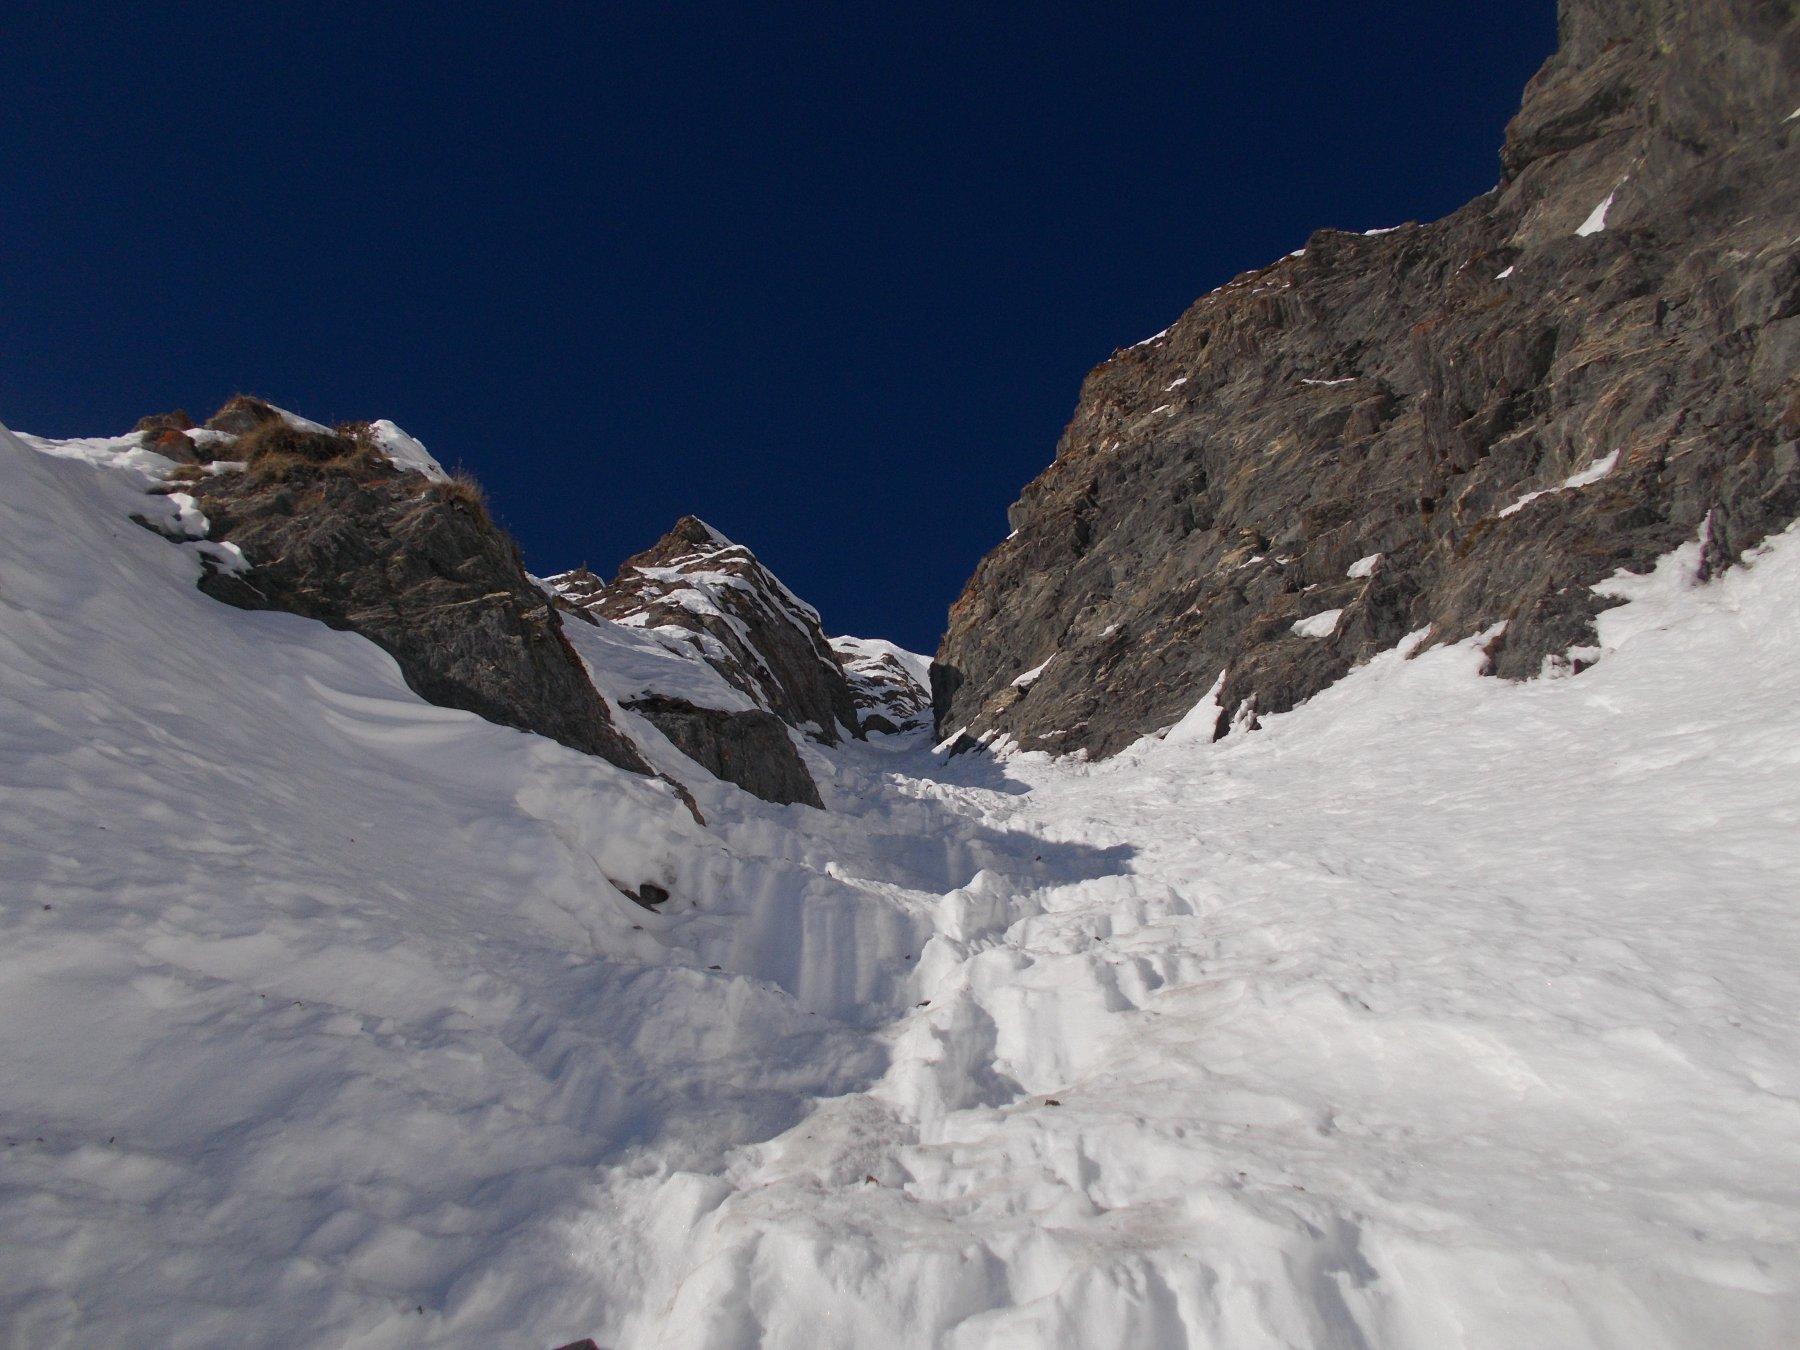 rigelo parziale e neve a gradoni nel tratto centrale..